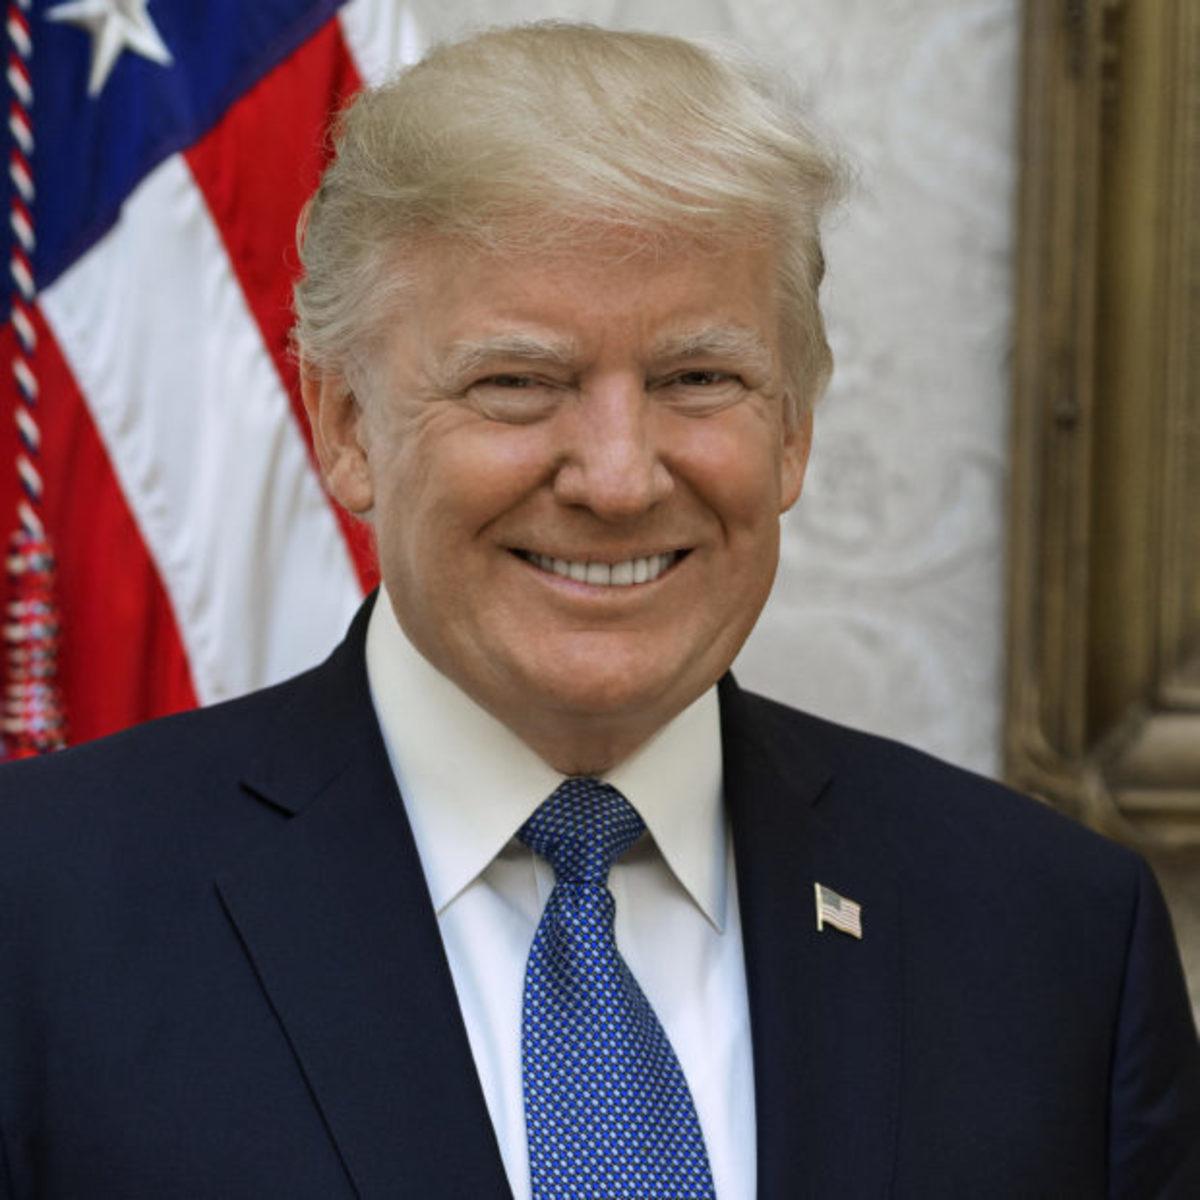 President-Trump-Official-Portrait-620x620